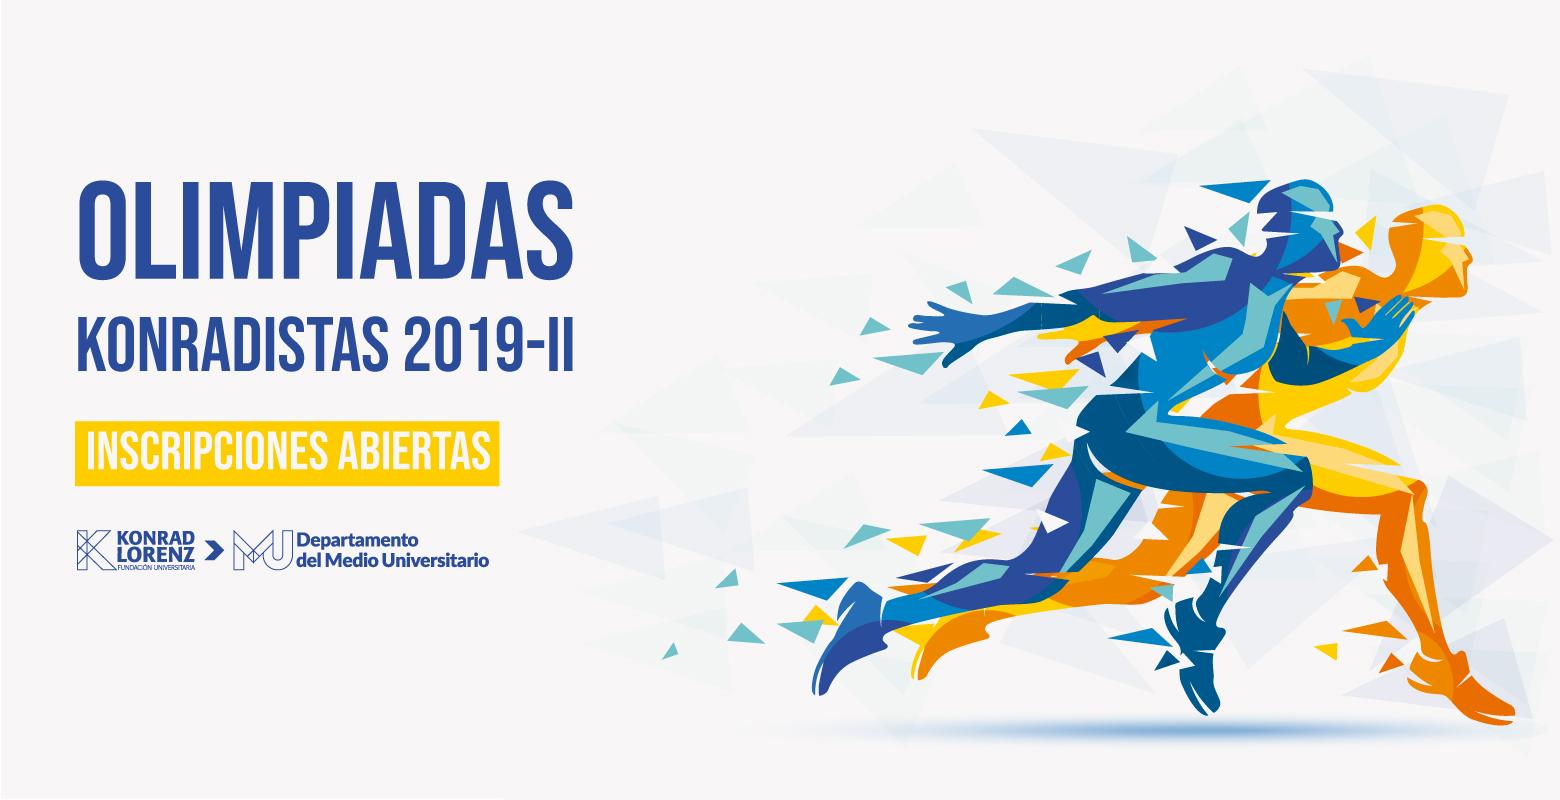 Prográmate e inscríbete en las Olimpiadas Konradistas 2019-II